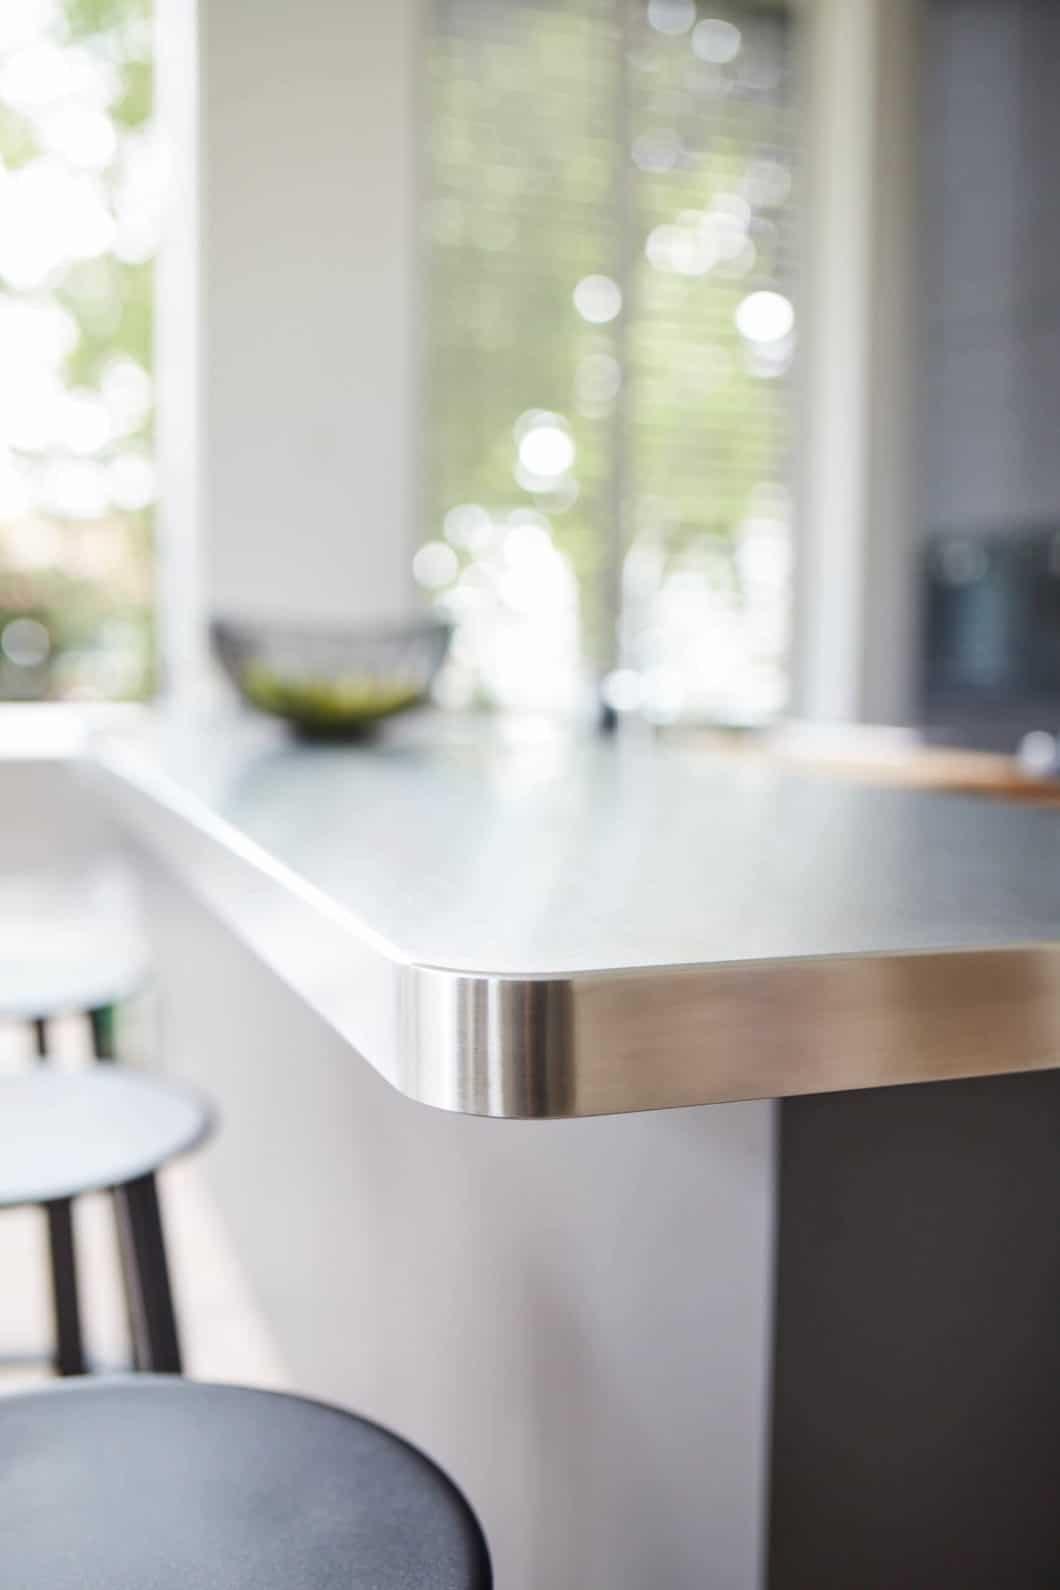 Laminat und Beton dominieren die großflächige Kücheninsel zum Arbeiten und Spülen. Eine warmgewalzte und abgerundete Edelstahl-Barplatte bringt urbanen Chic ein und lädt zum Aperitif. (Foto: Volker Renner/ KAH Hamburg)